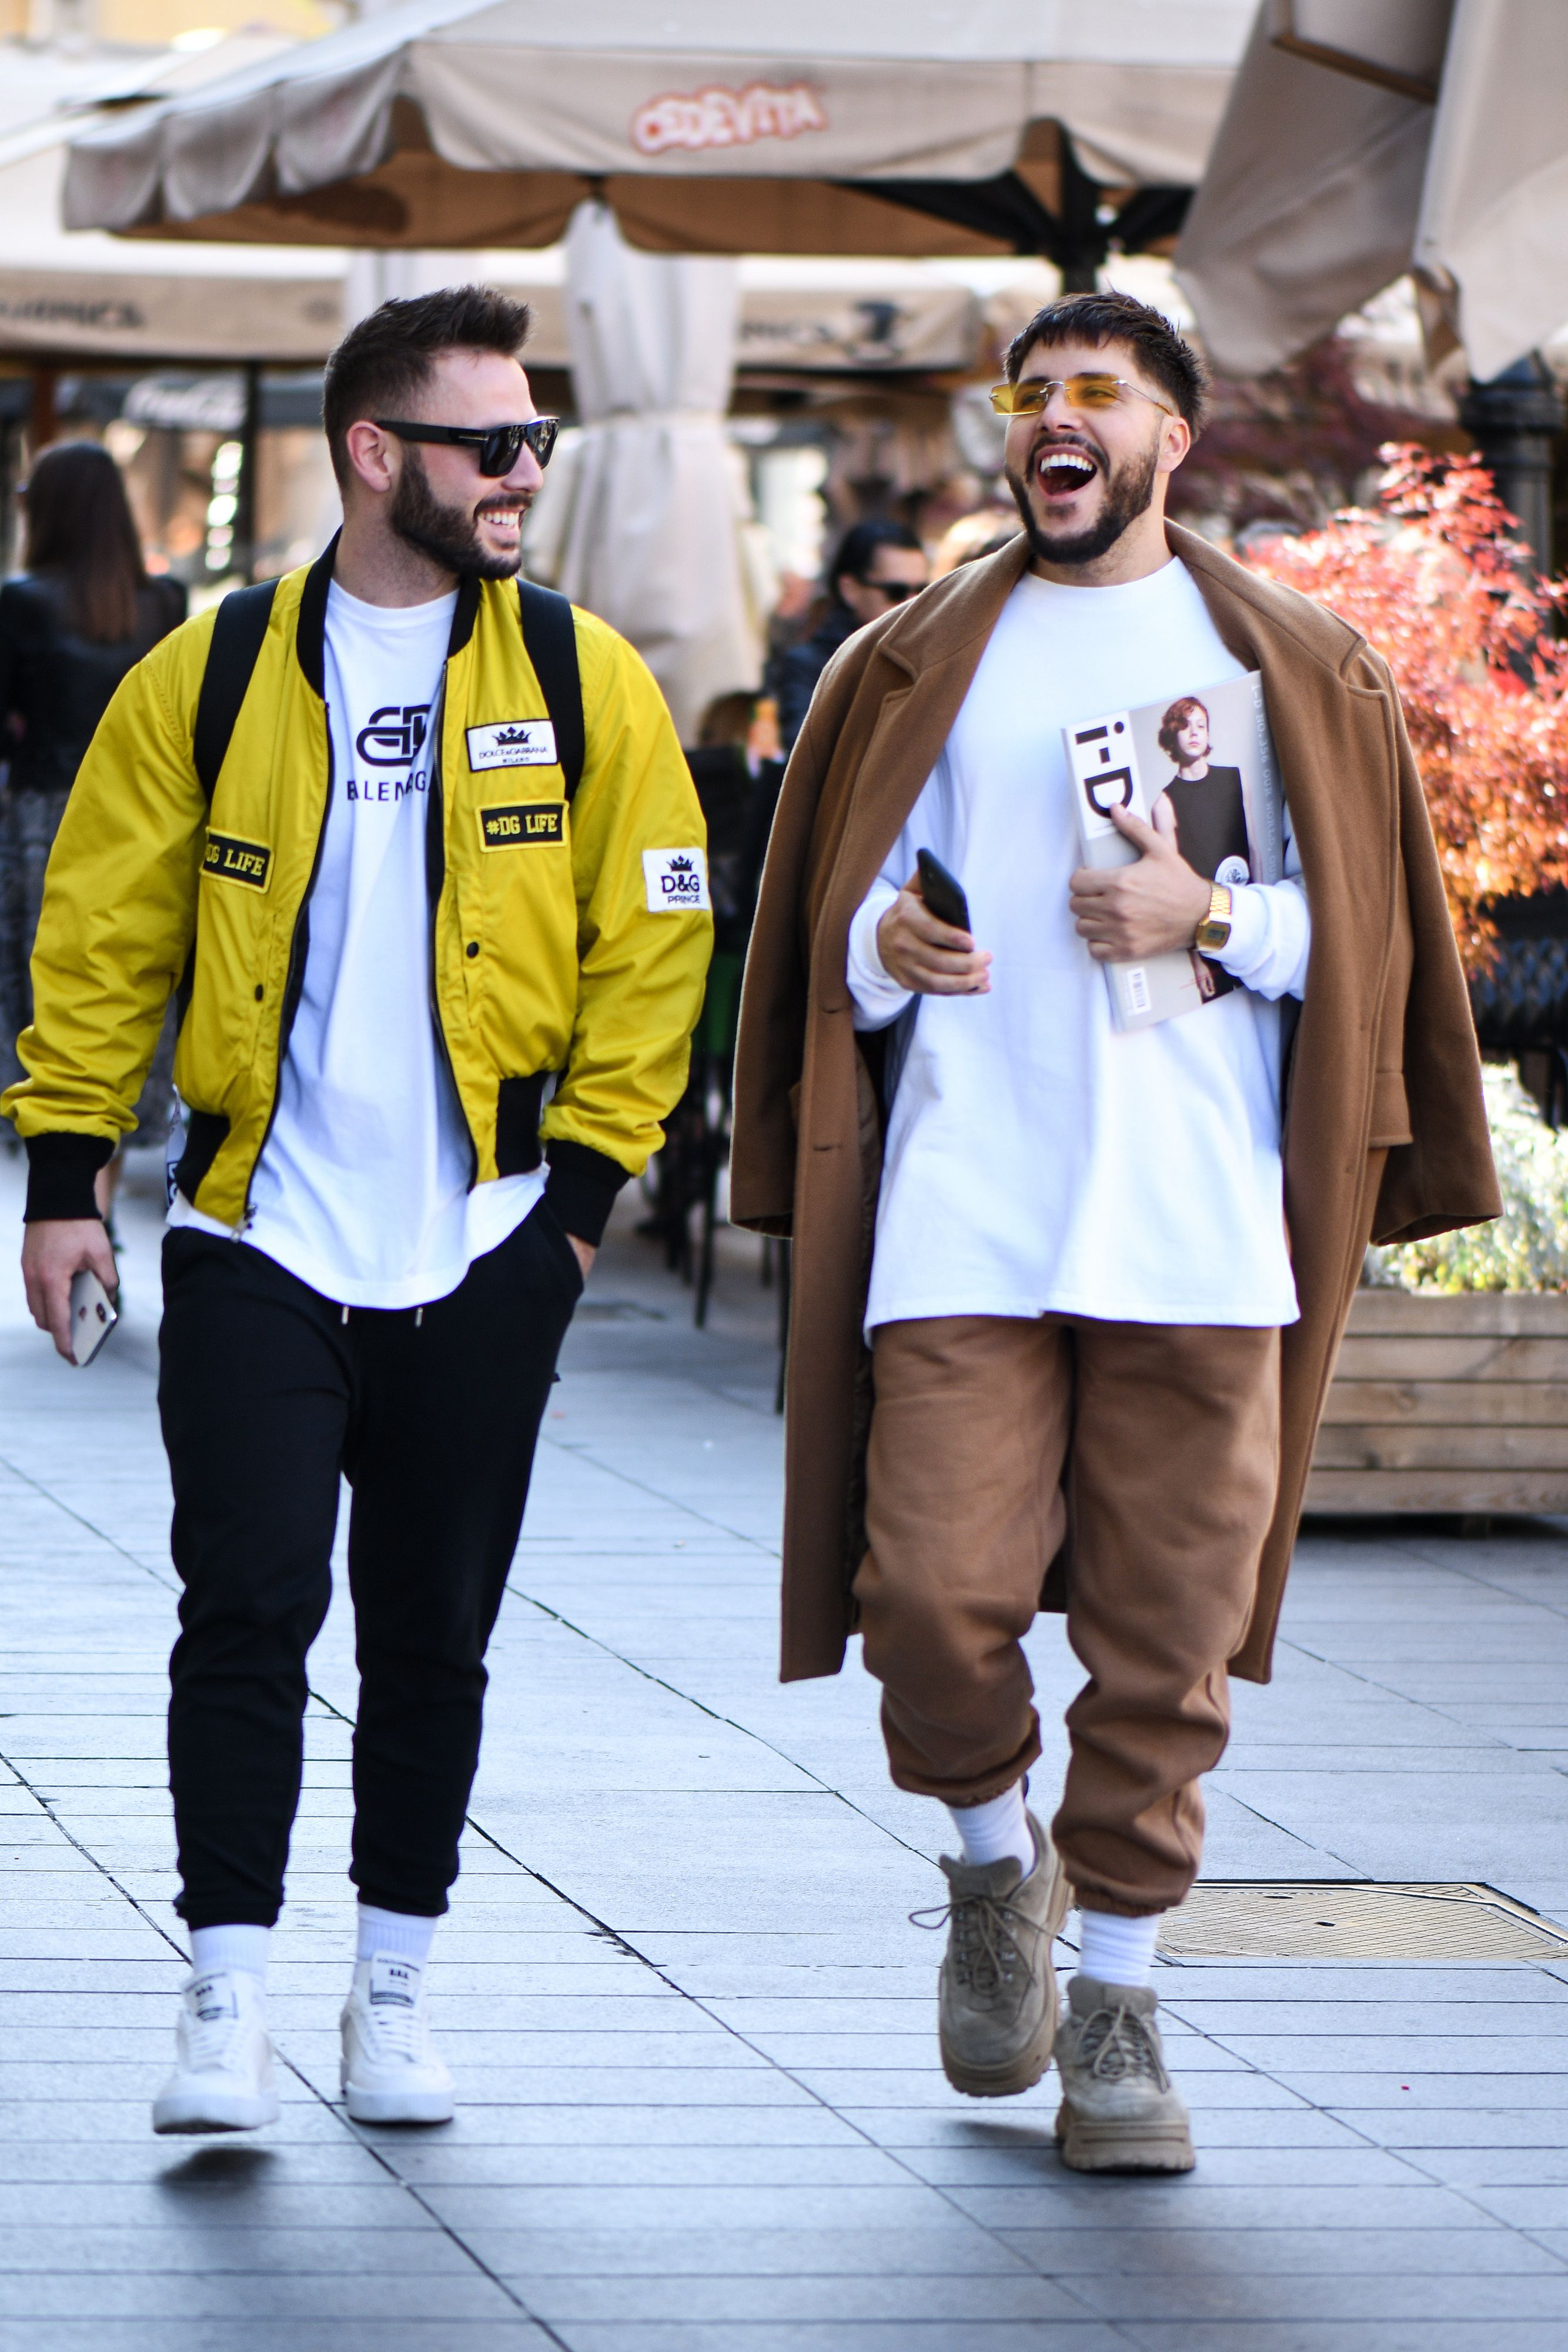 Kakav stylish dvojac: Ova dva frajera sa špice nisu mogla proći nezamijećeno